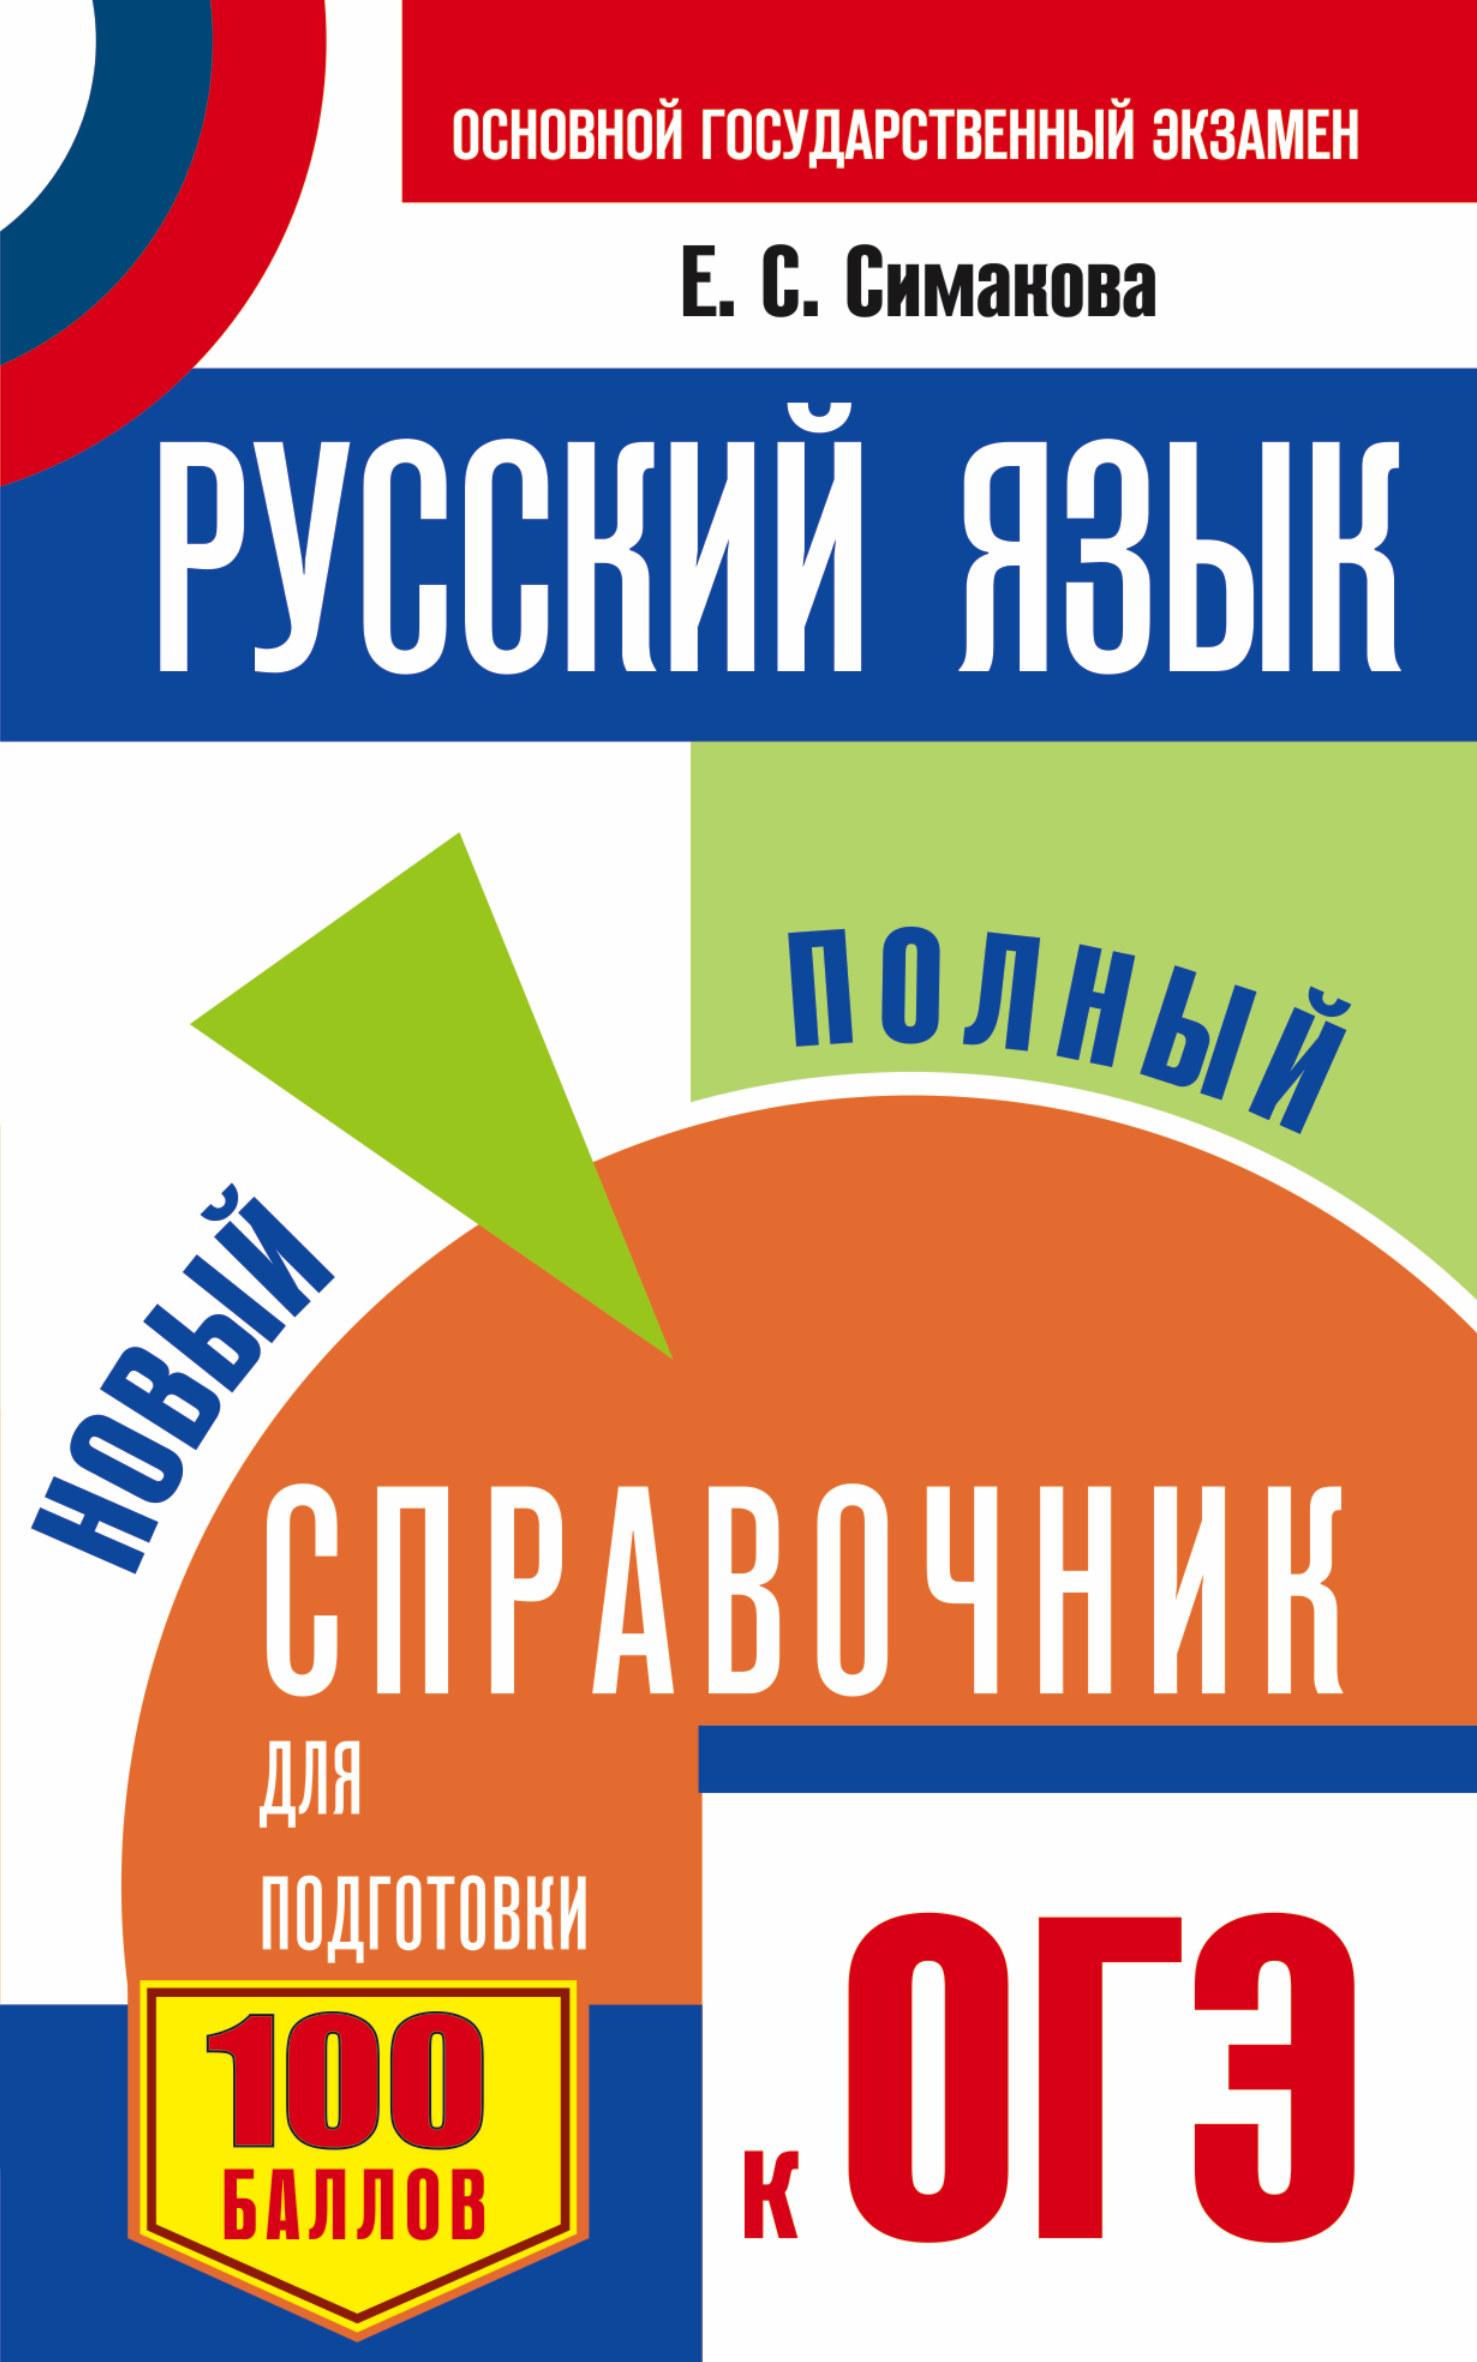 ОГЭ. Русский язык. Новый полный справочник для подготовки к ОГЭ от book24.ru